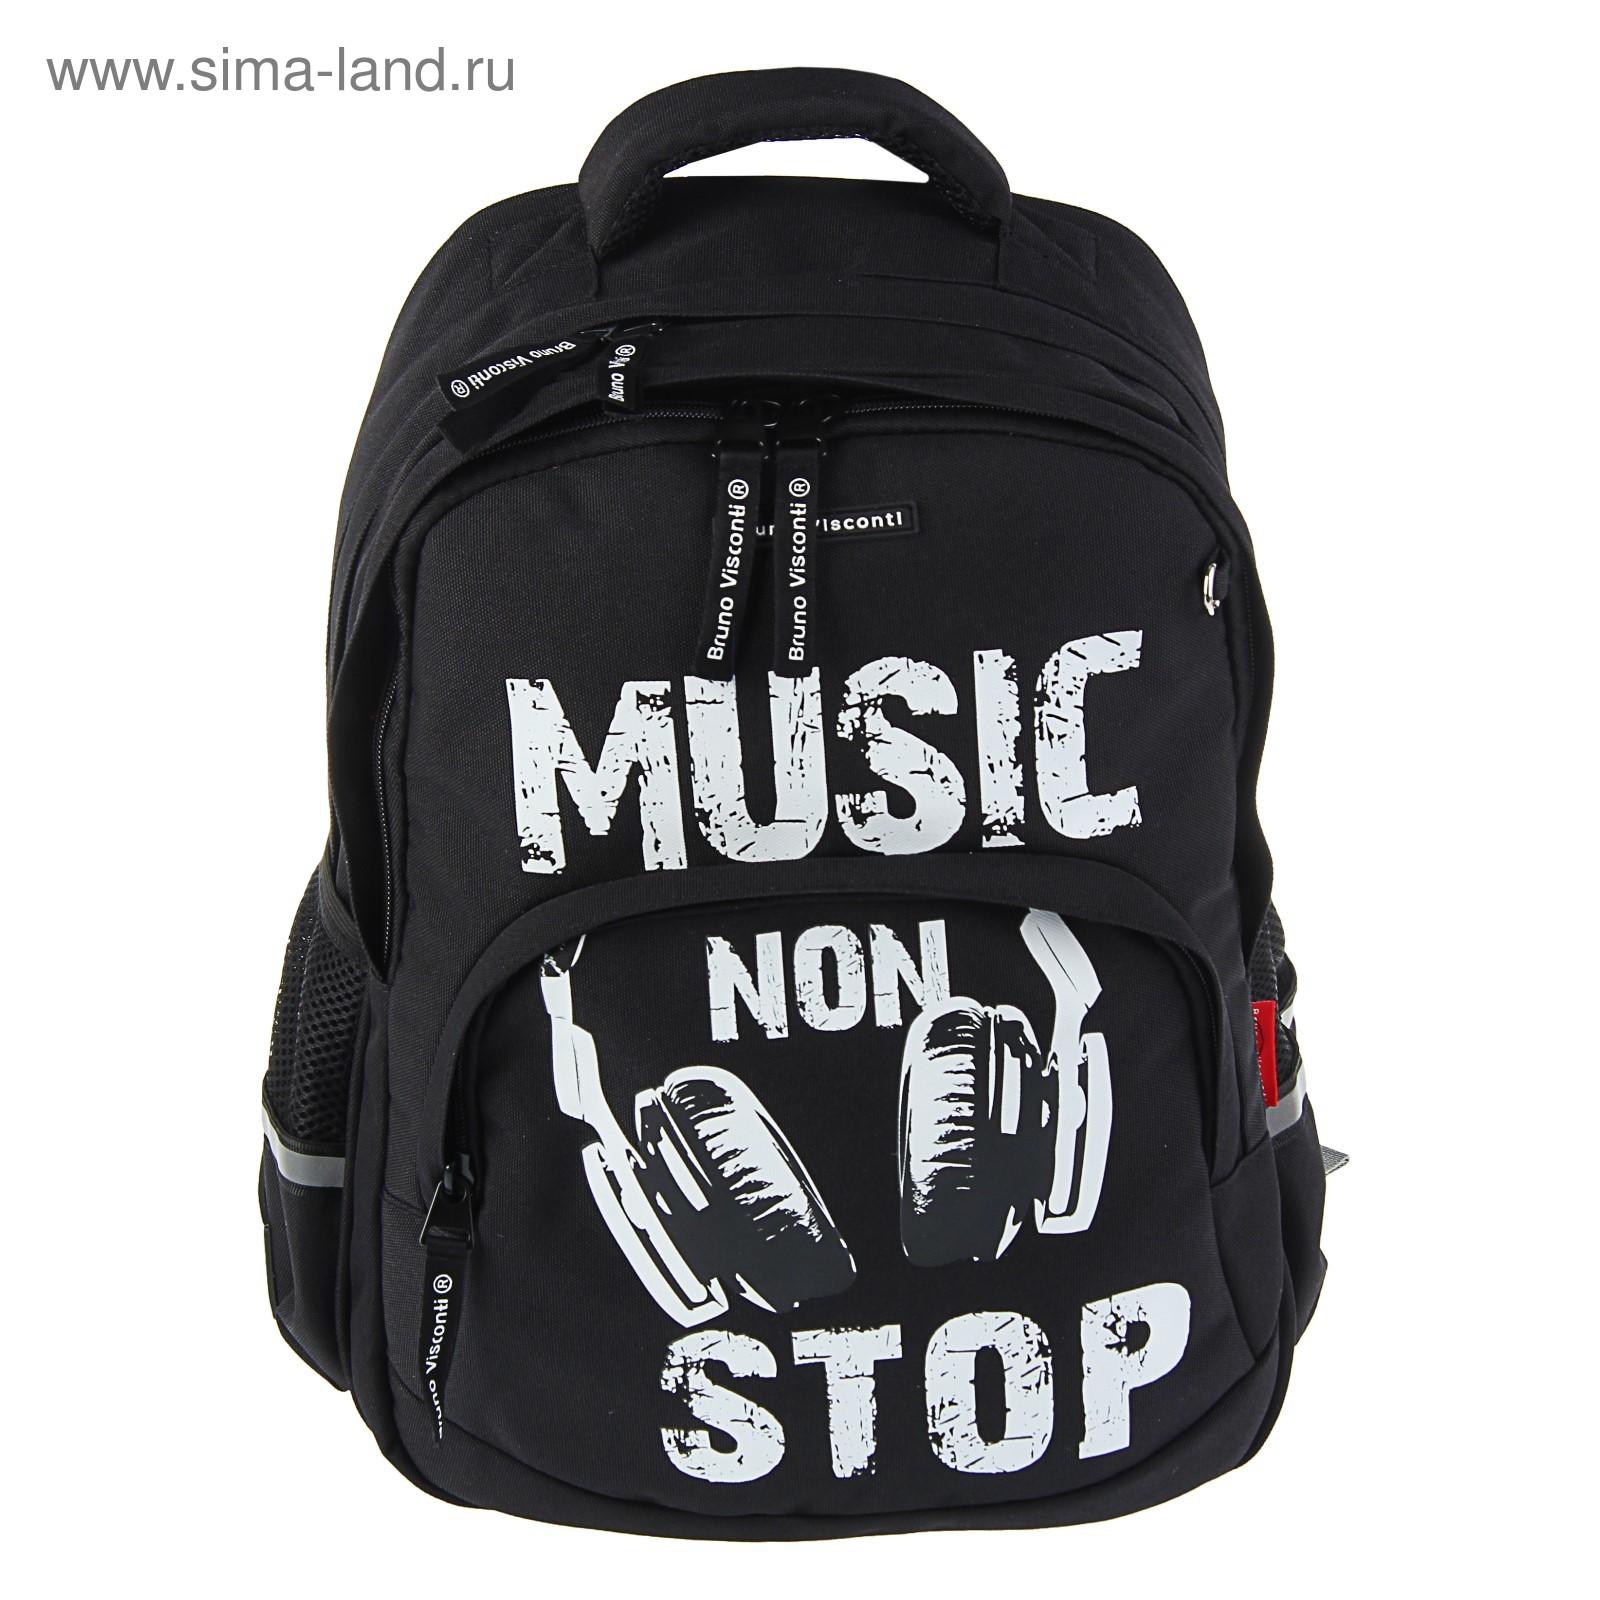 a01e4dee4882 Рюкзак школьный эргономичная спинка 40 х 30 х 16 см Bruno Visconti Music,  черный